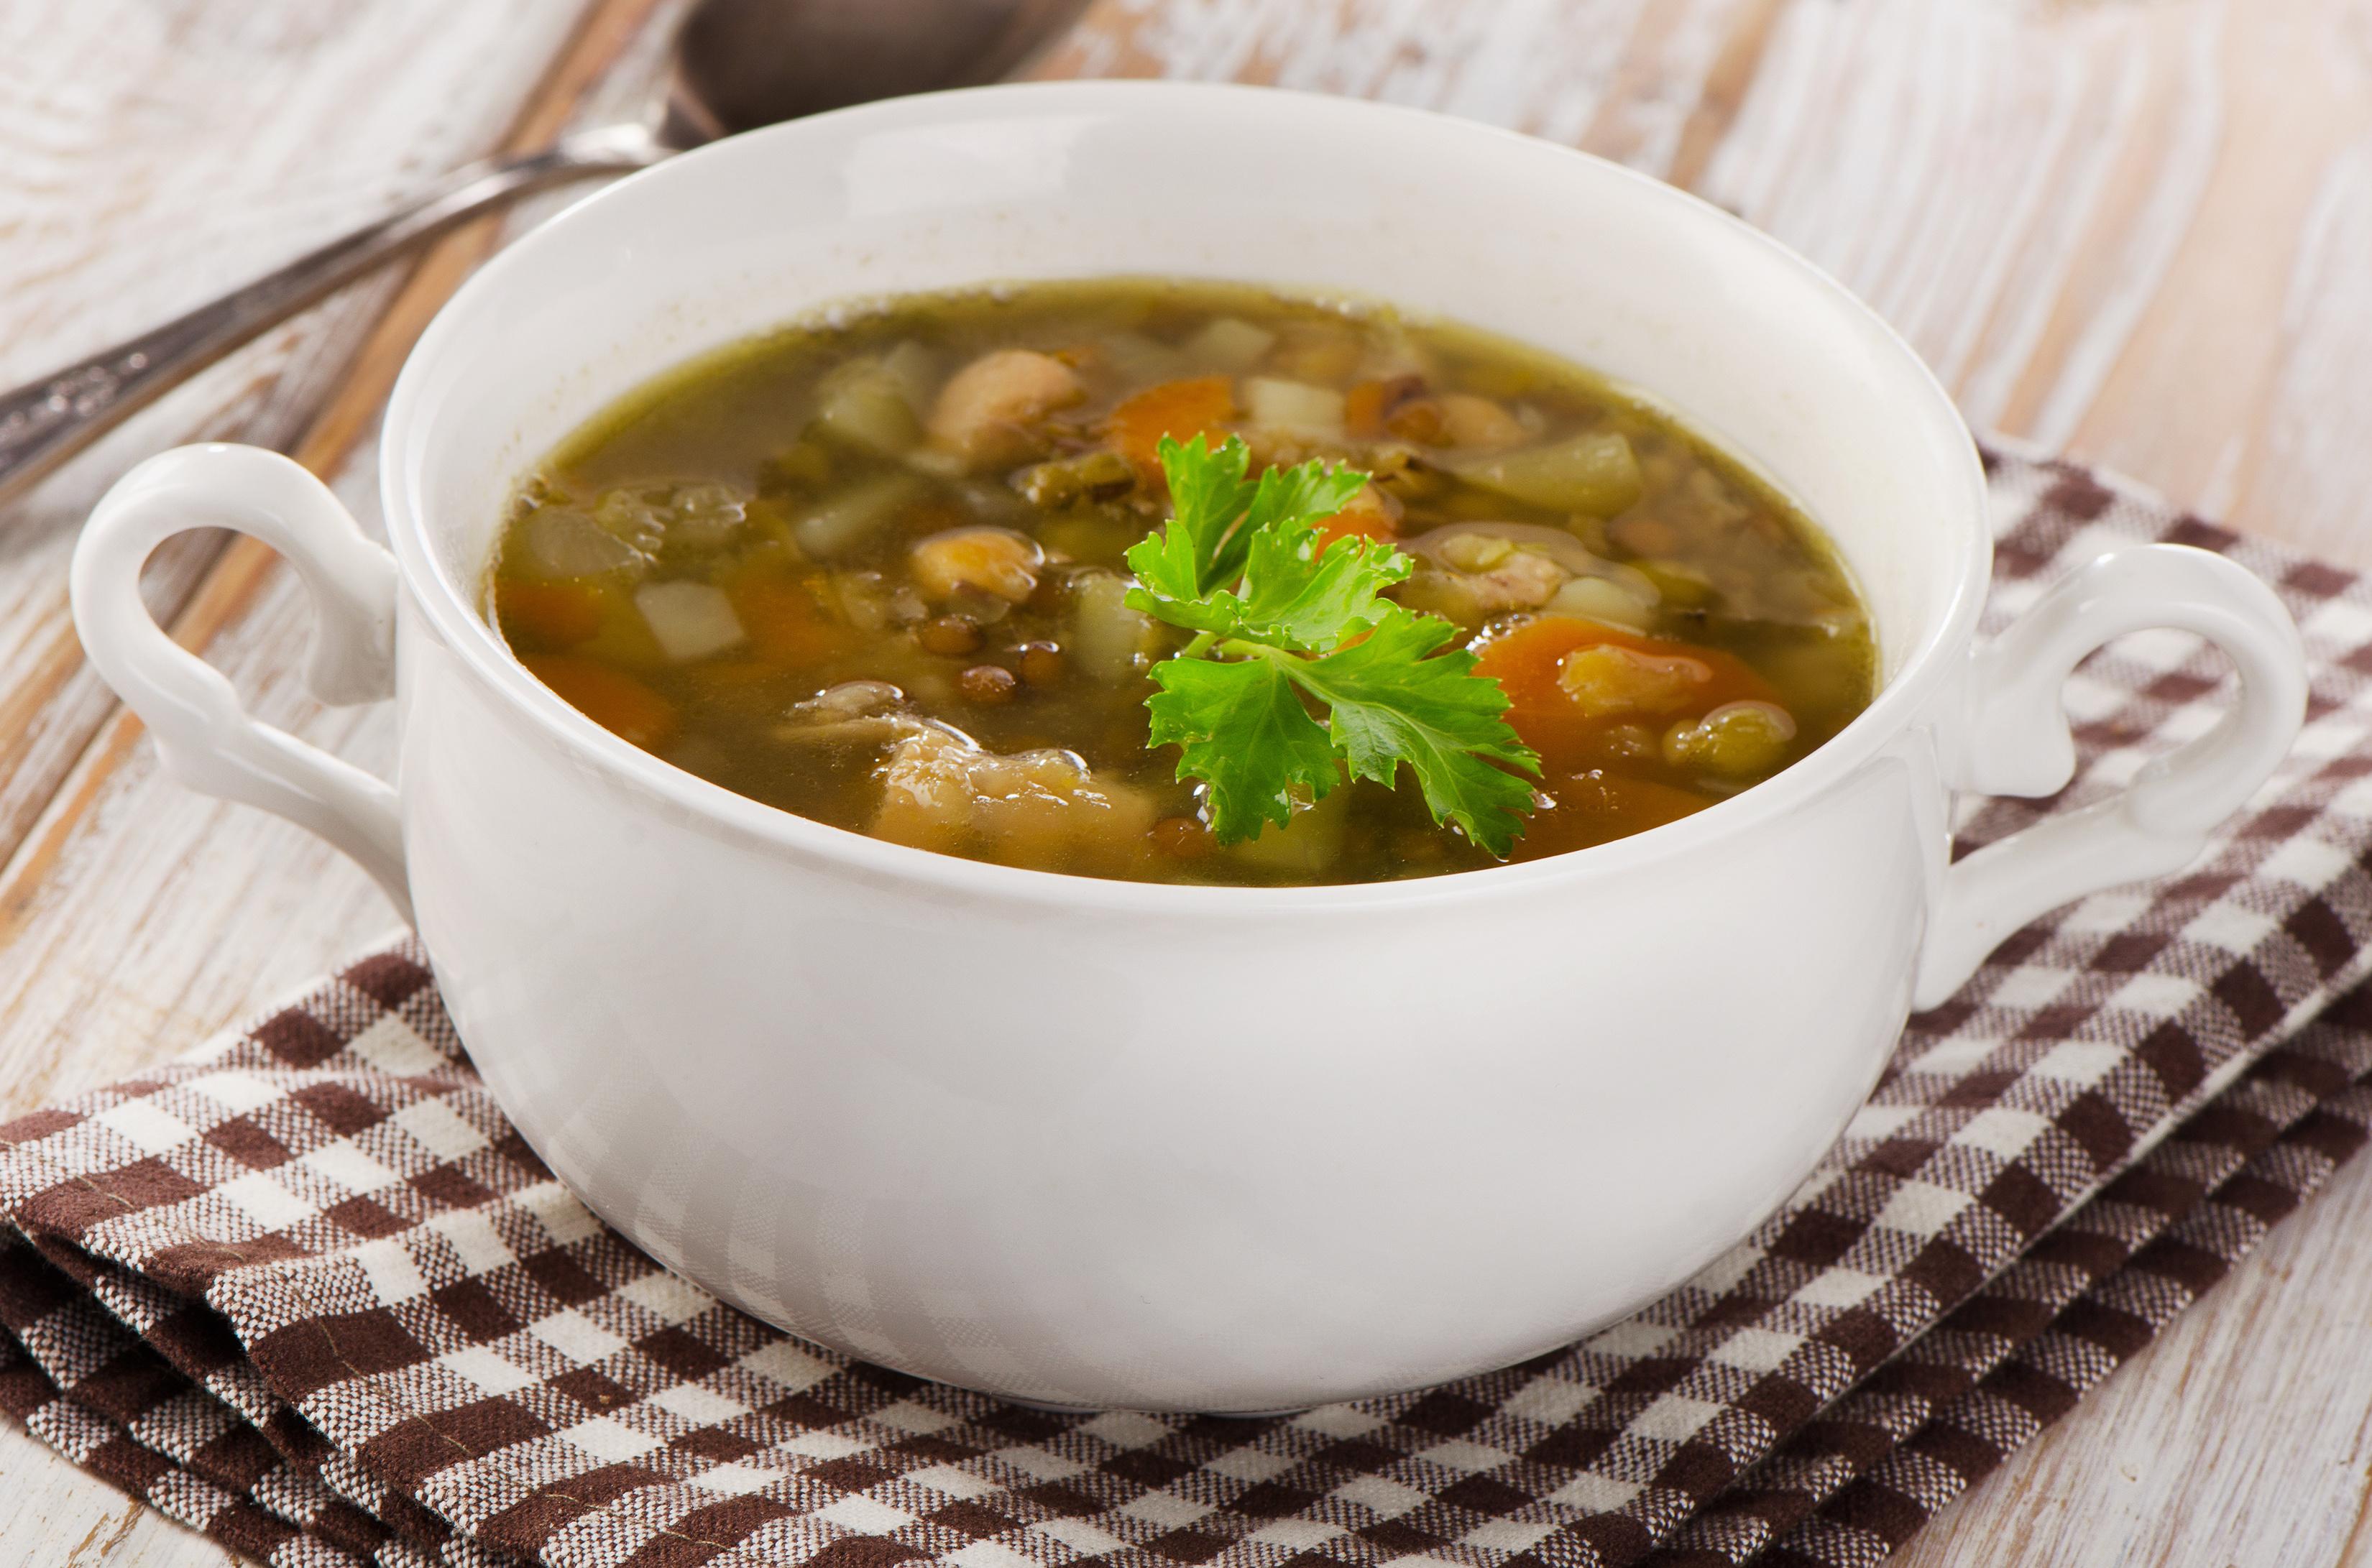 Image for Irish Stew